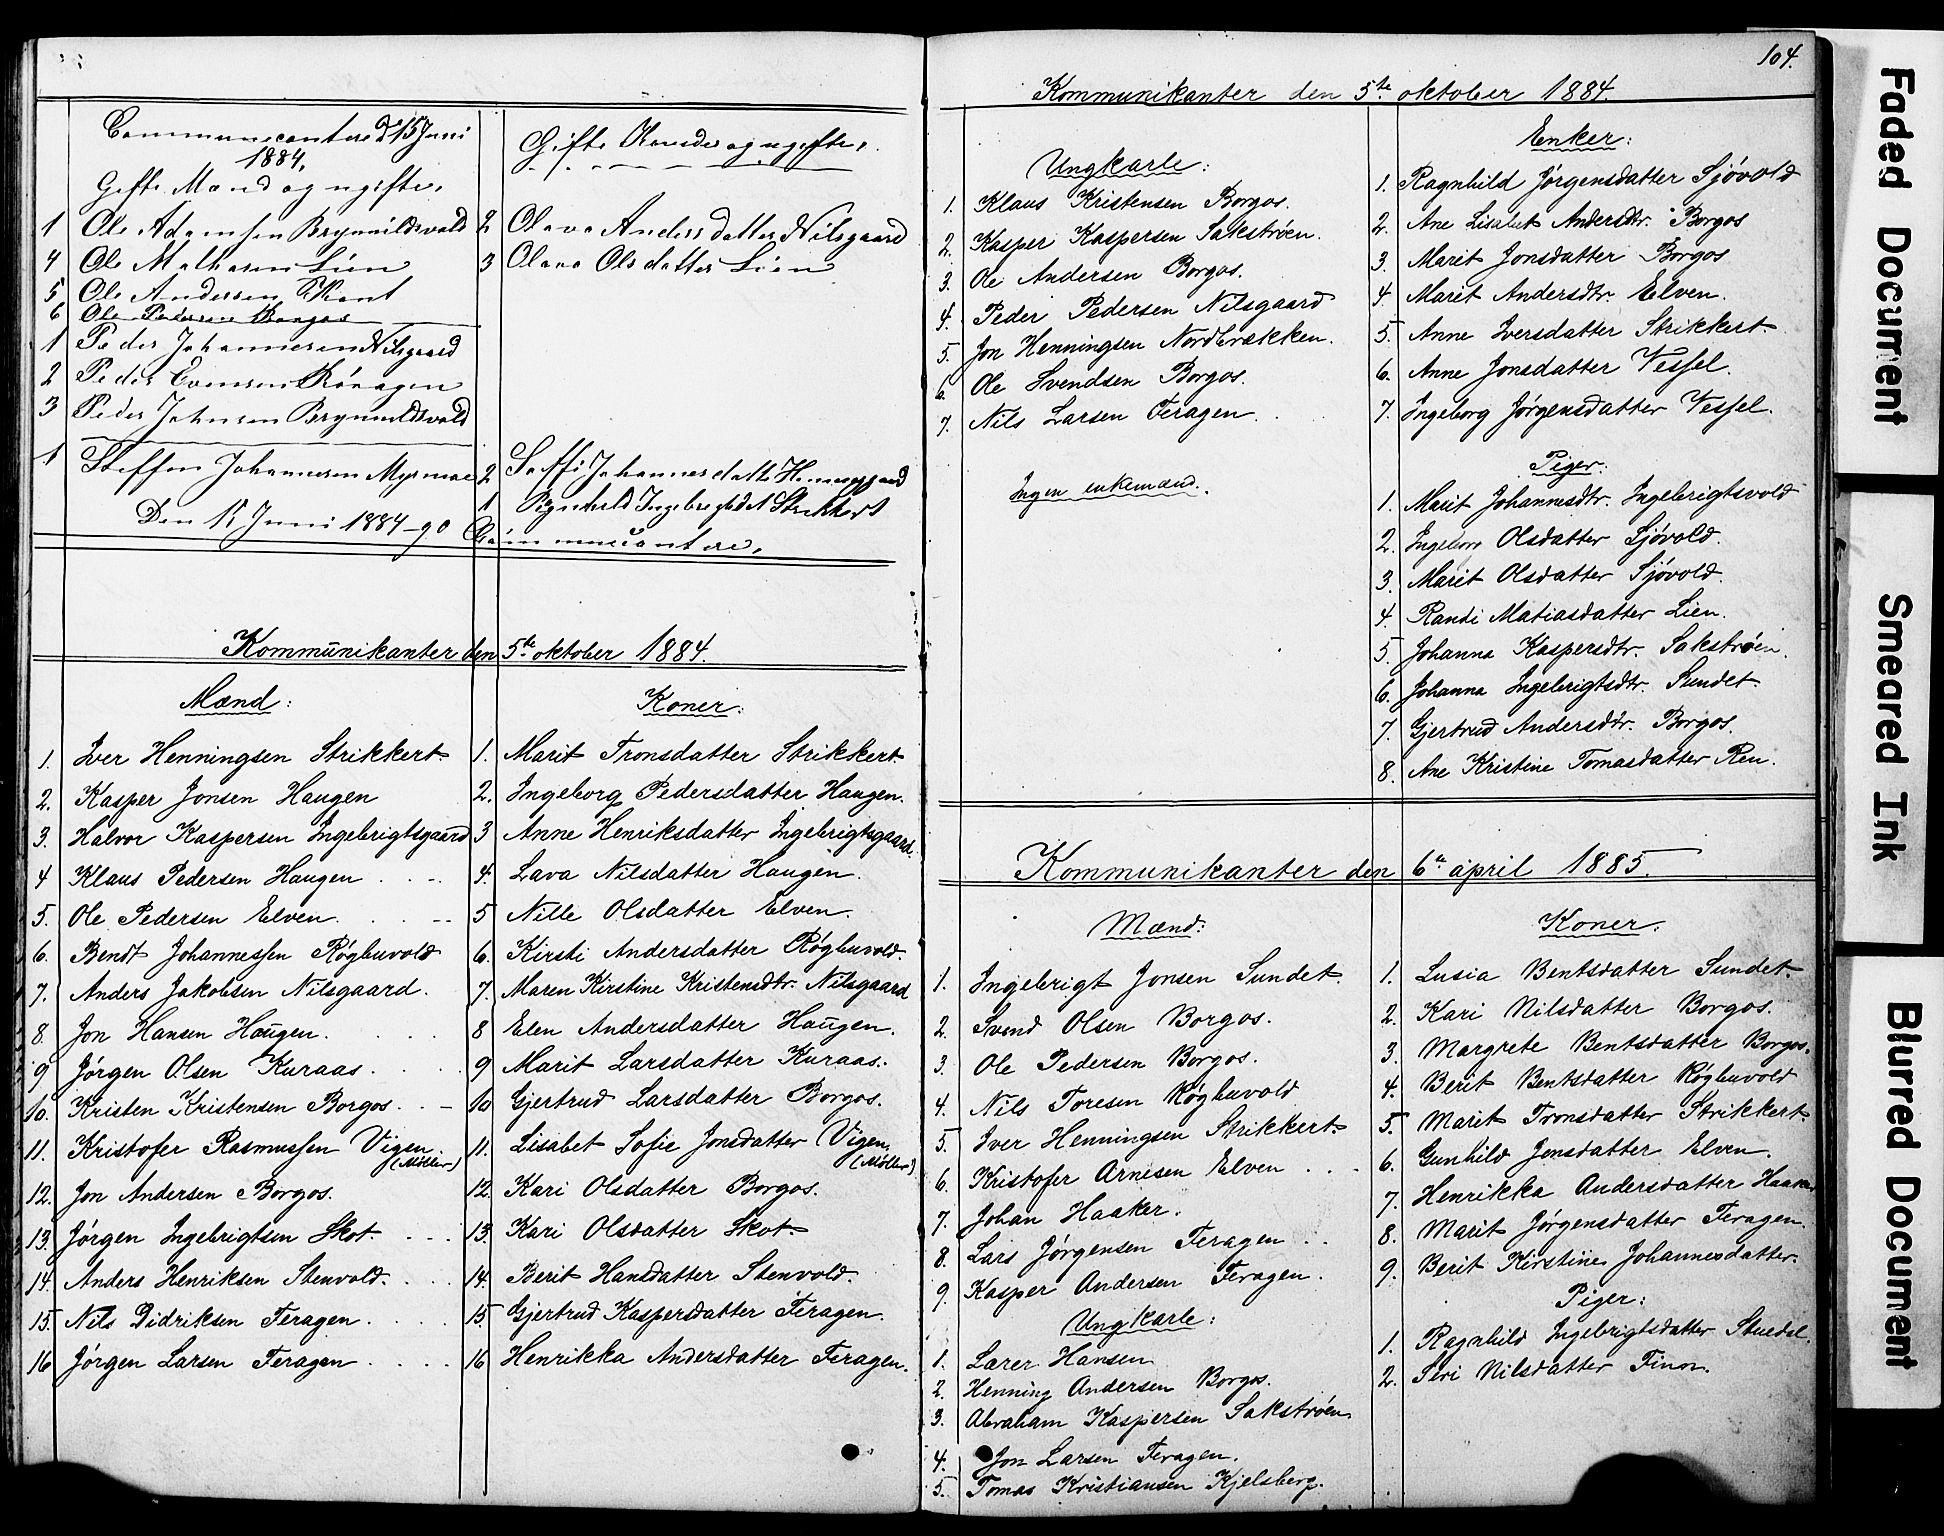 SAT, Ministerialprotokoller, klokkerbøker og fødselsregistre - Sør-Trøndelag, 683/L0949: Klokkerbok nr. 683C01, 1880-1896, s. 104